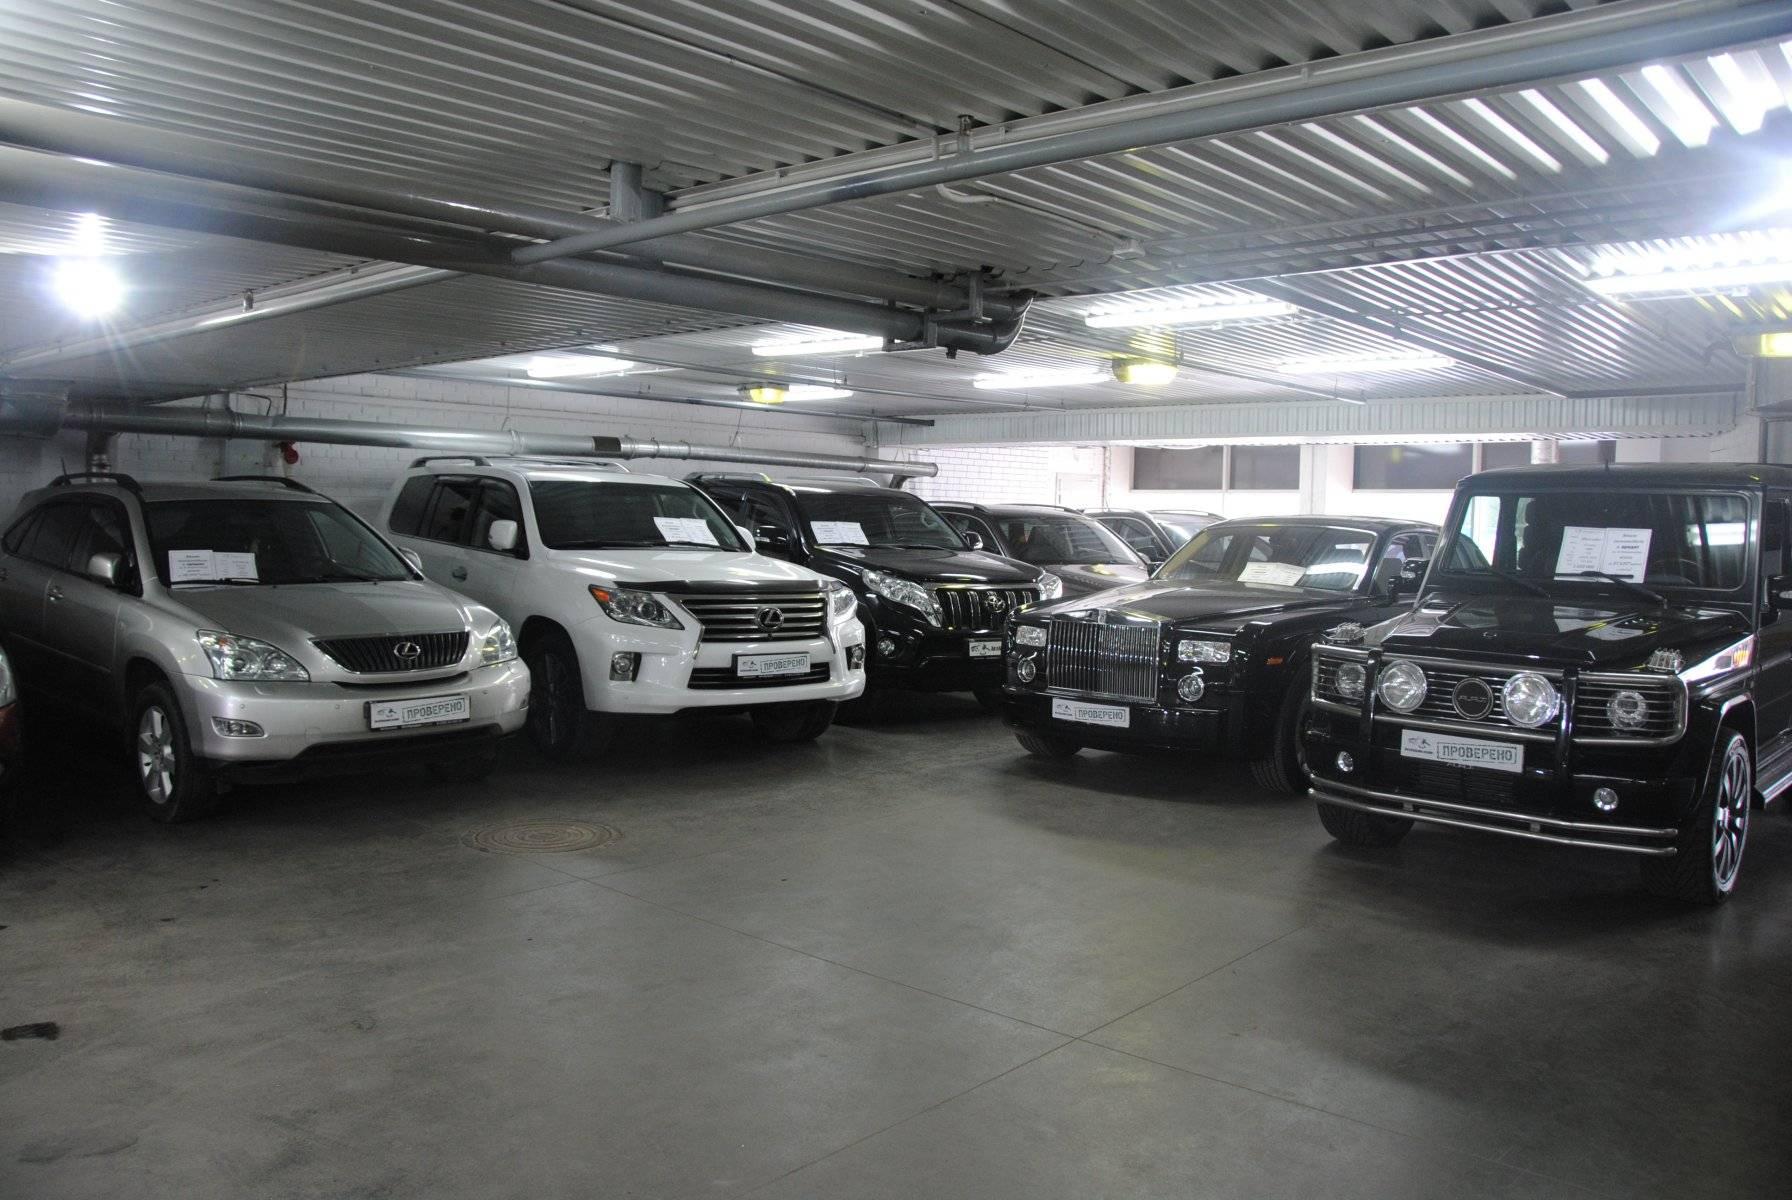 Автобазары, автосалоны и автоаукционы в испании